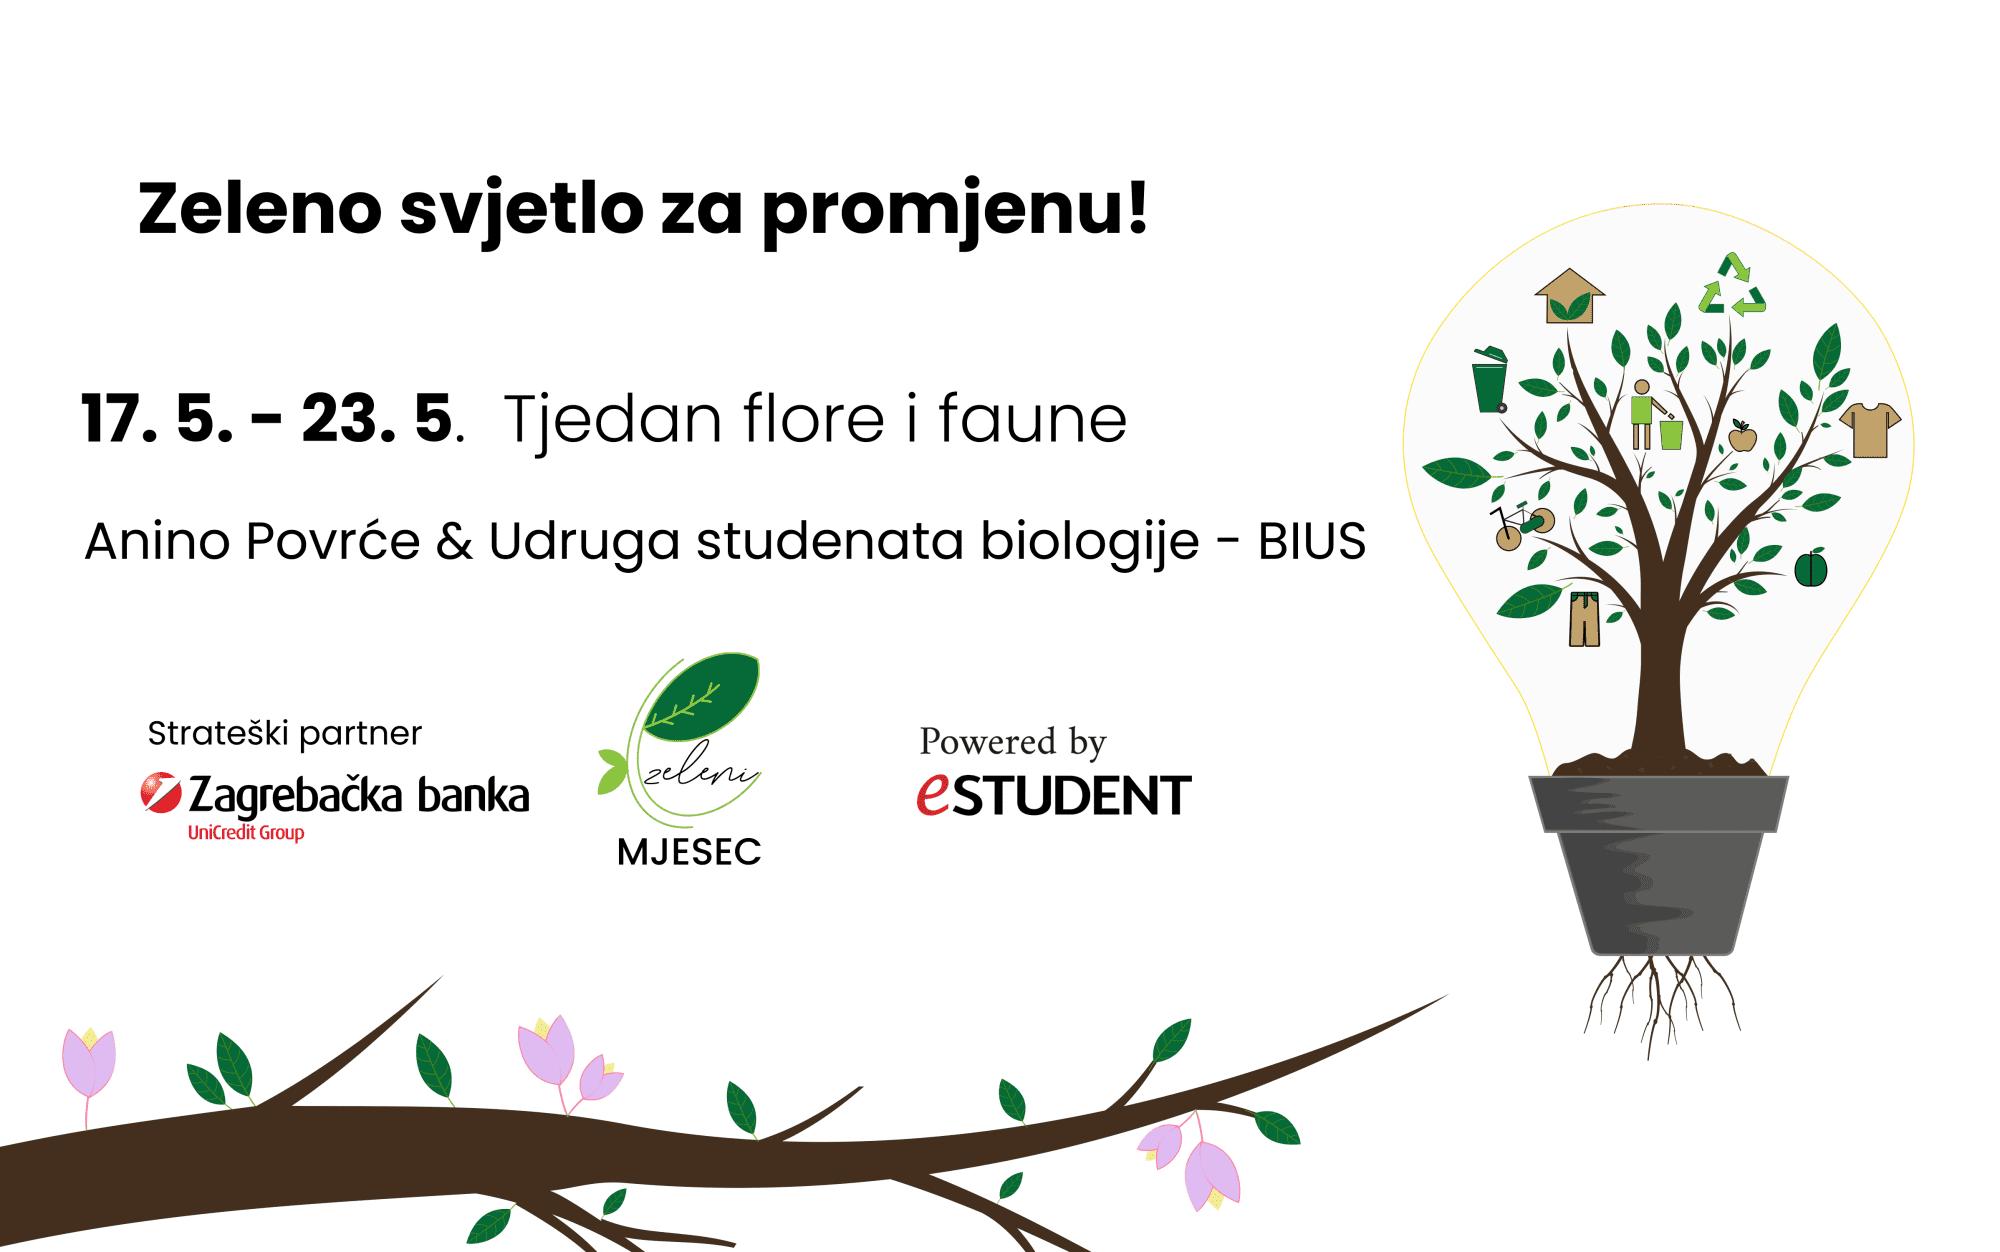 Mali koraci za poboljšanje našeg života i prirode uz Anu Smokrović, Luciju Rešetar i Luciju Novoselec